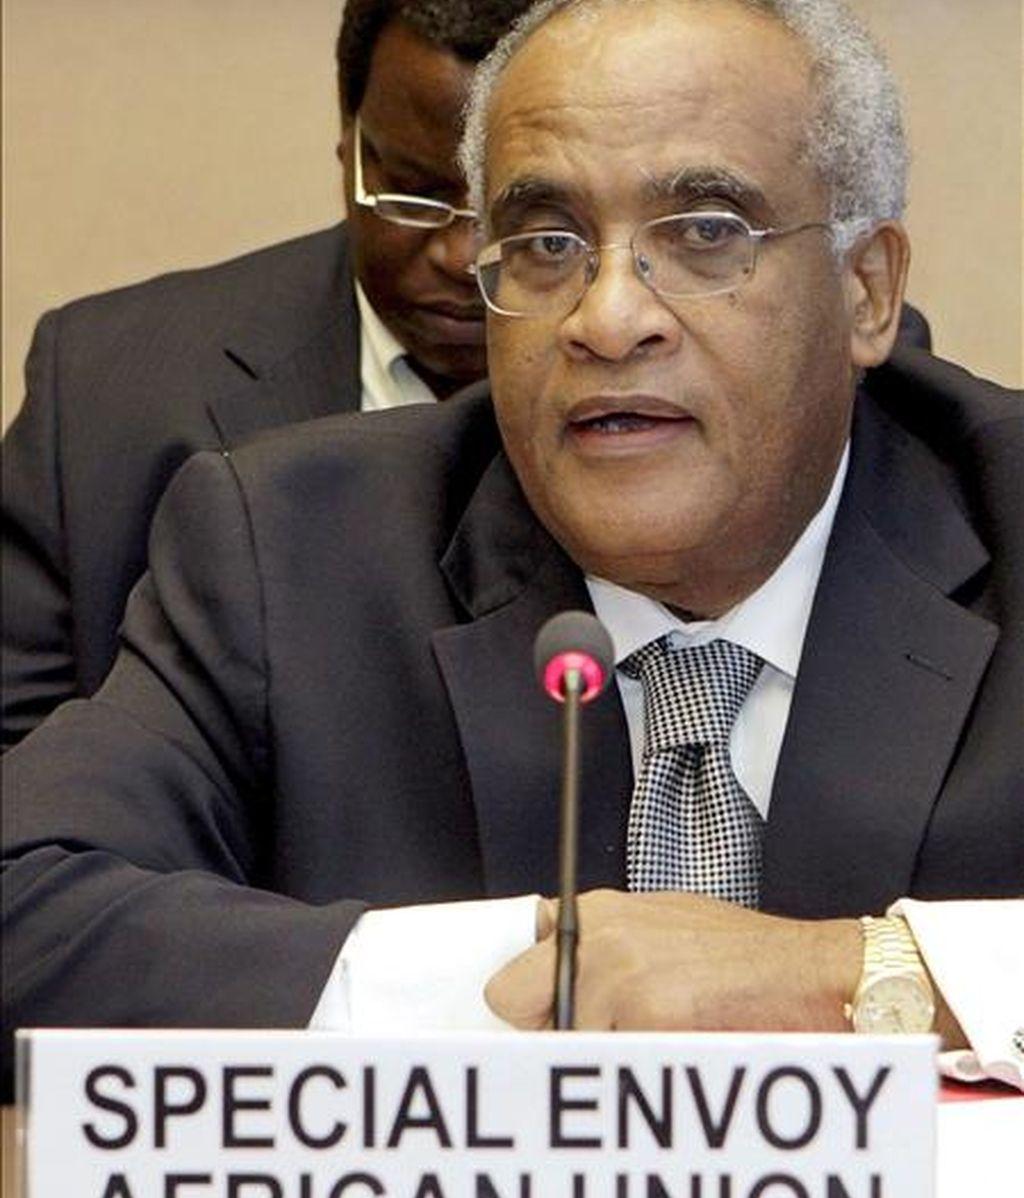 El enviado especial de la Unión Africana por Darfur, Salim Ahmed Salim, ofrece un discurso durante las negociaciones sobre Darfur en la sede de Naciones Unidas en Ginebra (Suiza), el 18 de marzo de 2008. EFE